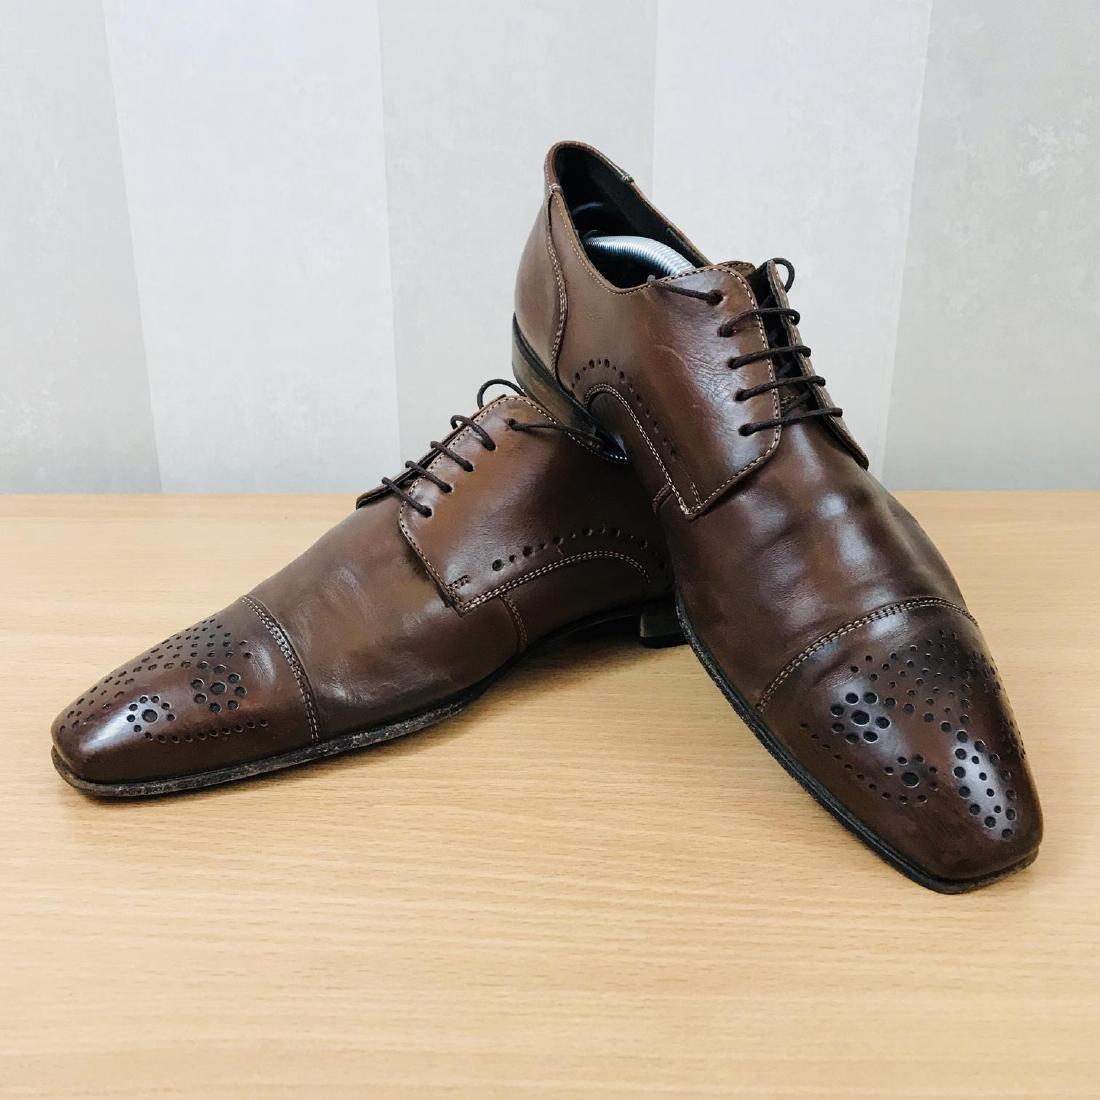 Vintage Men's LLOYD Leather Shoes Size EUR 41 US 8